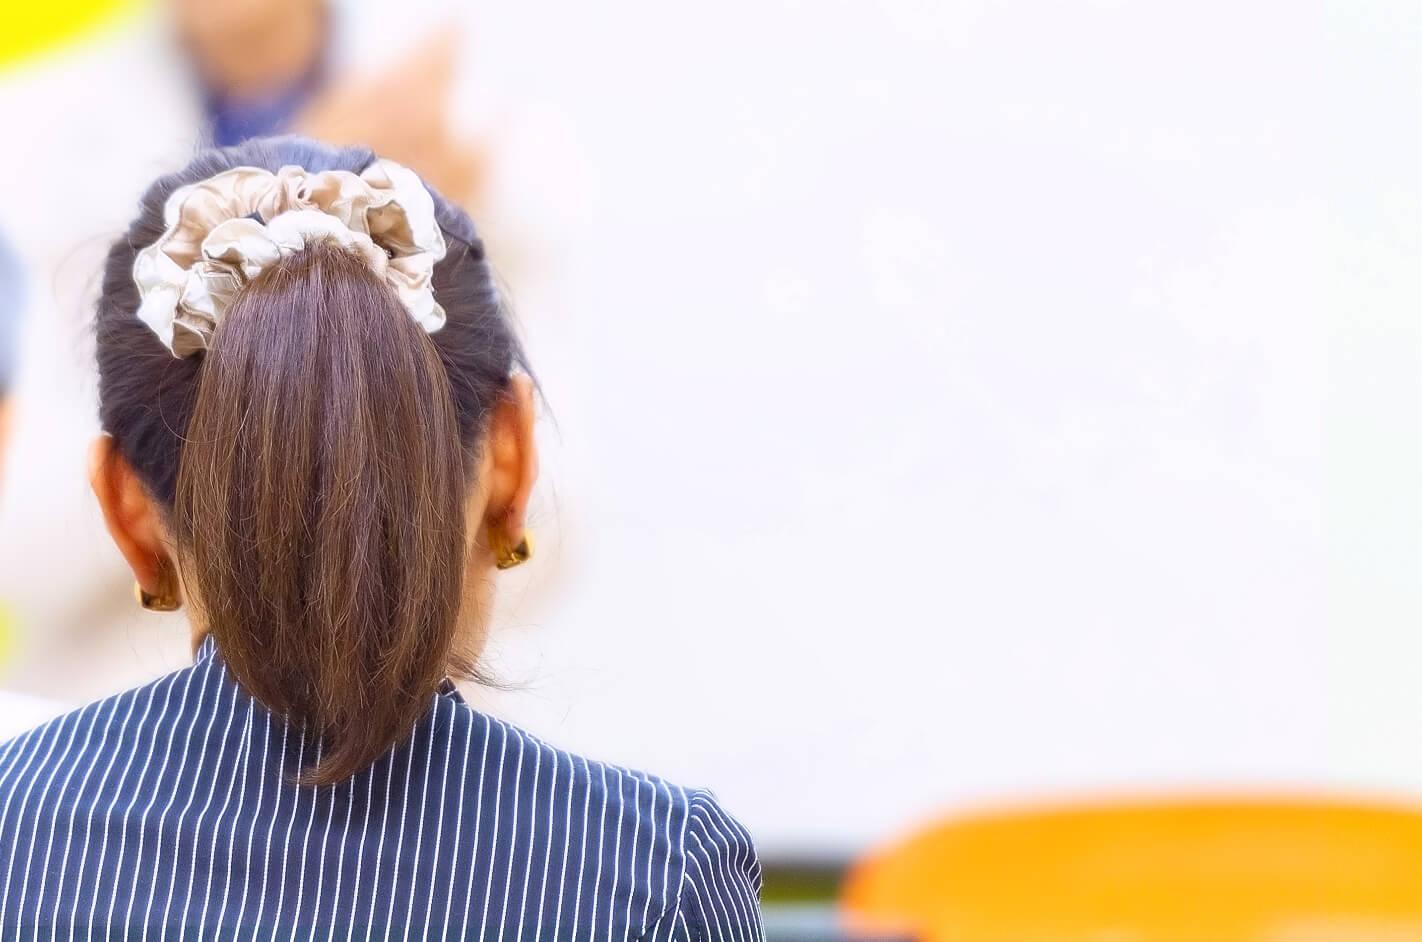 講座に参加している若い女性の後ろ姿